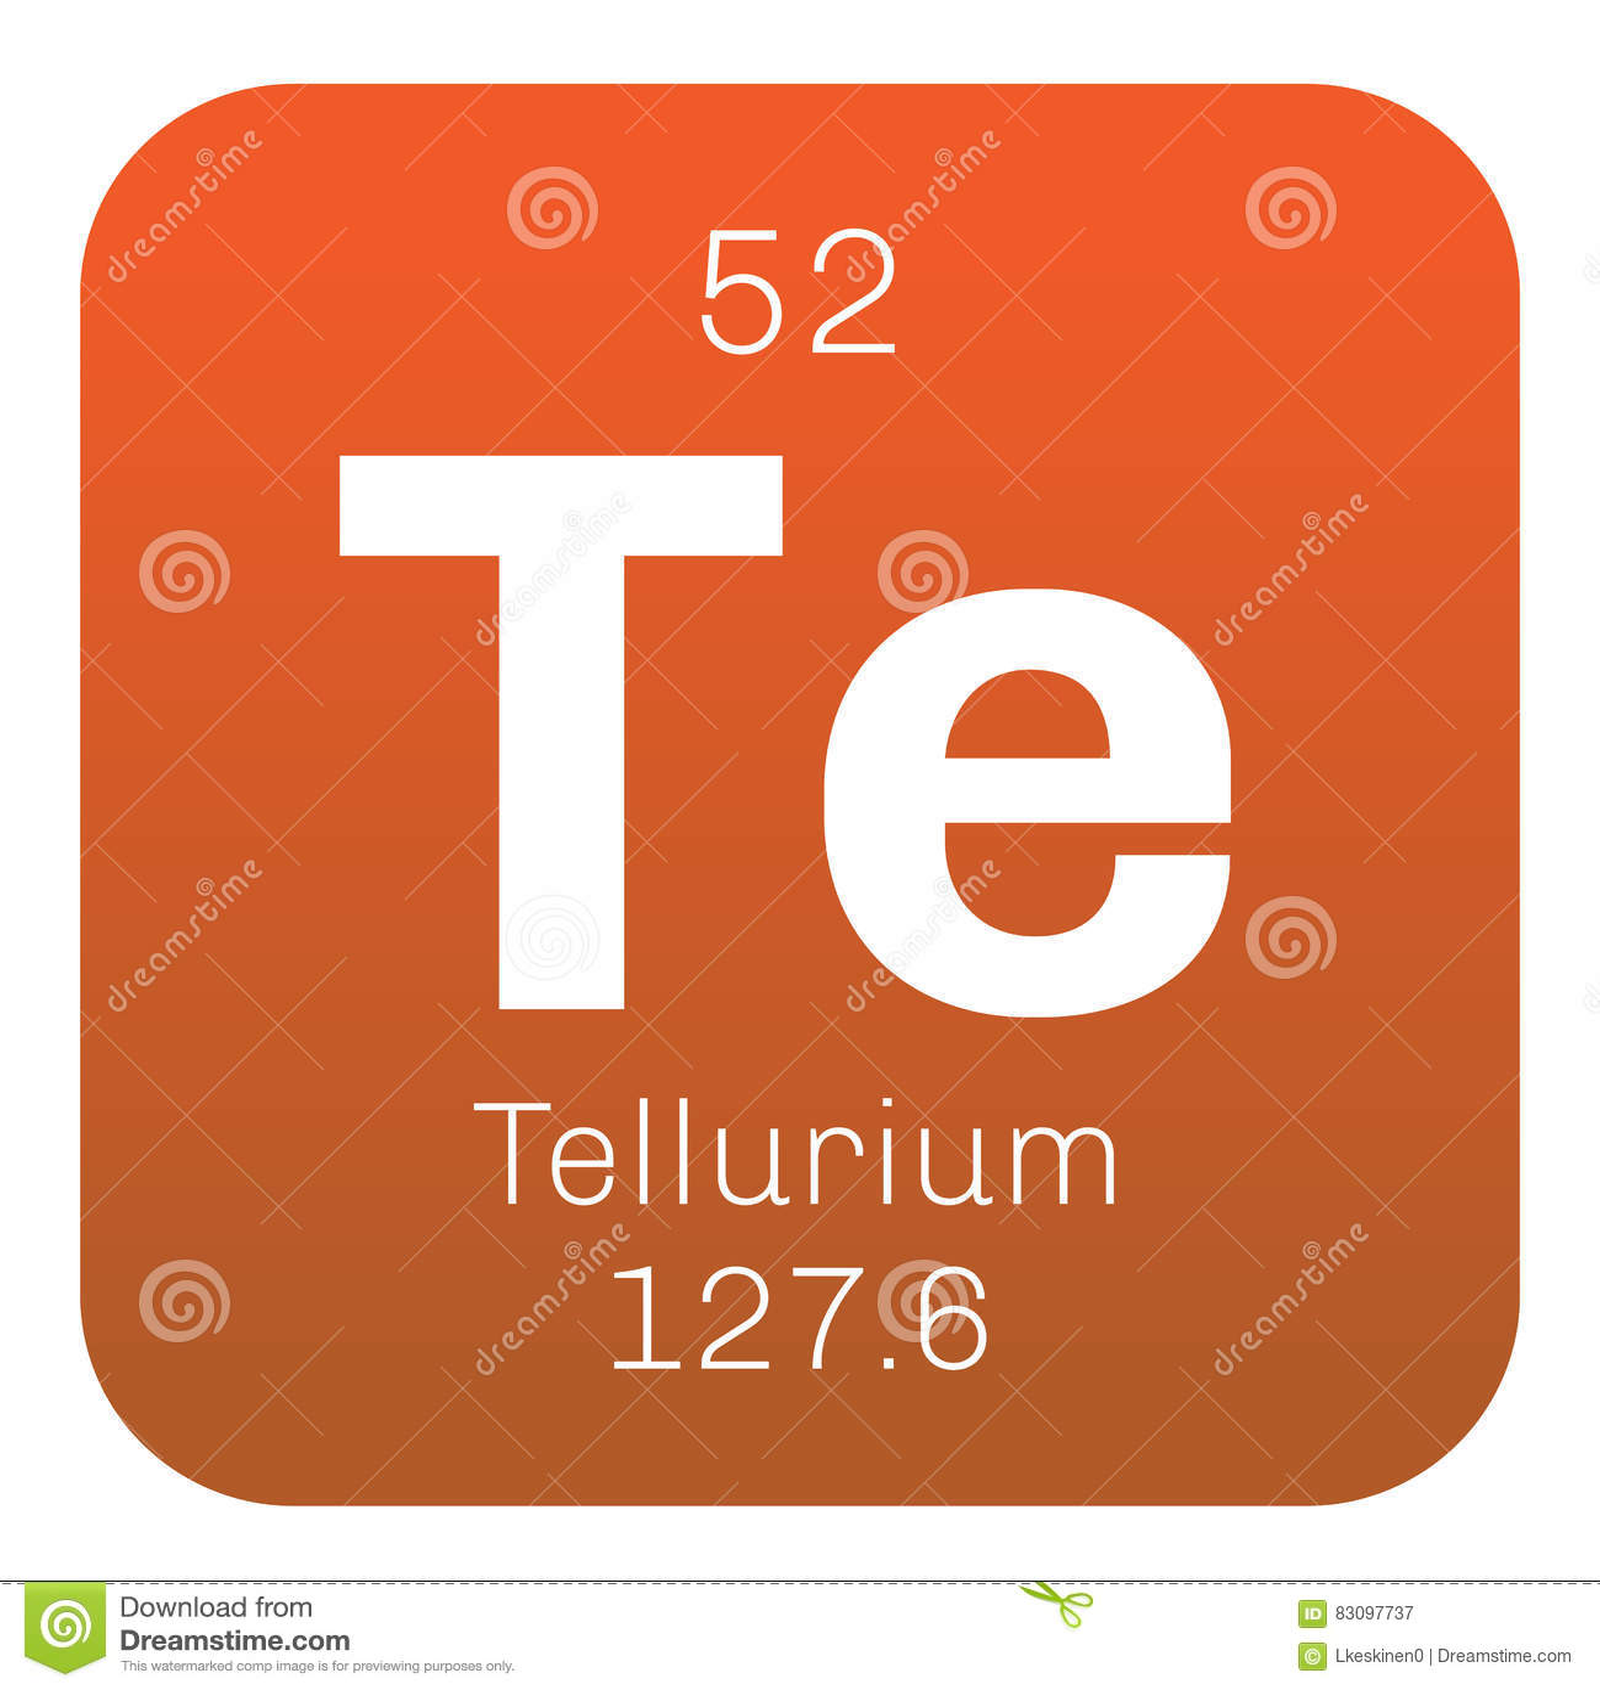 Elemento qumico del telurio imagen de archivo imagen de tomo telurio elemento qumico elemento extremadamente raro icono coloreado con nmero atmico y el peso atmico elemento qumico de la tabla peridica urtaz Gallery